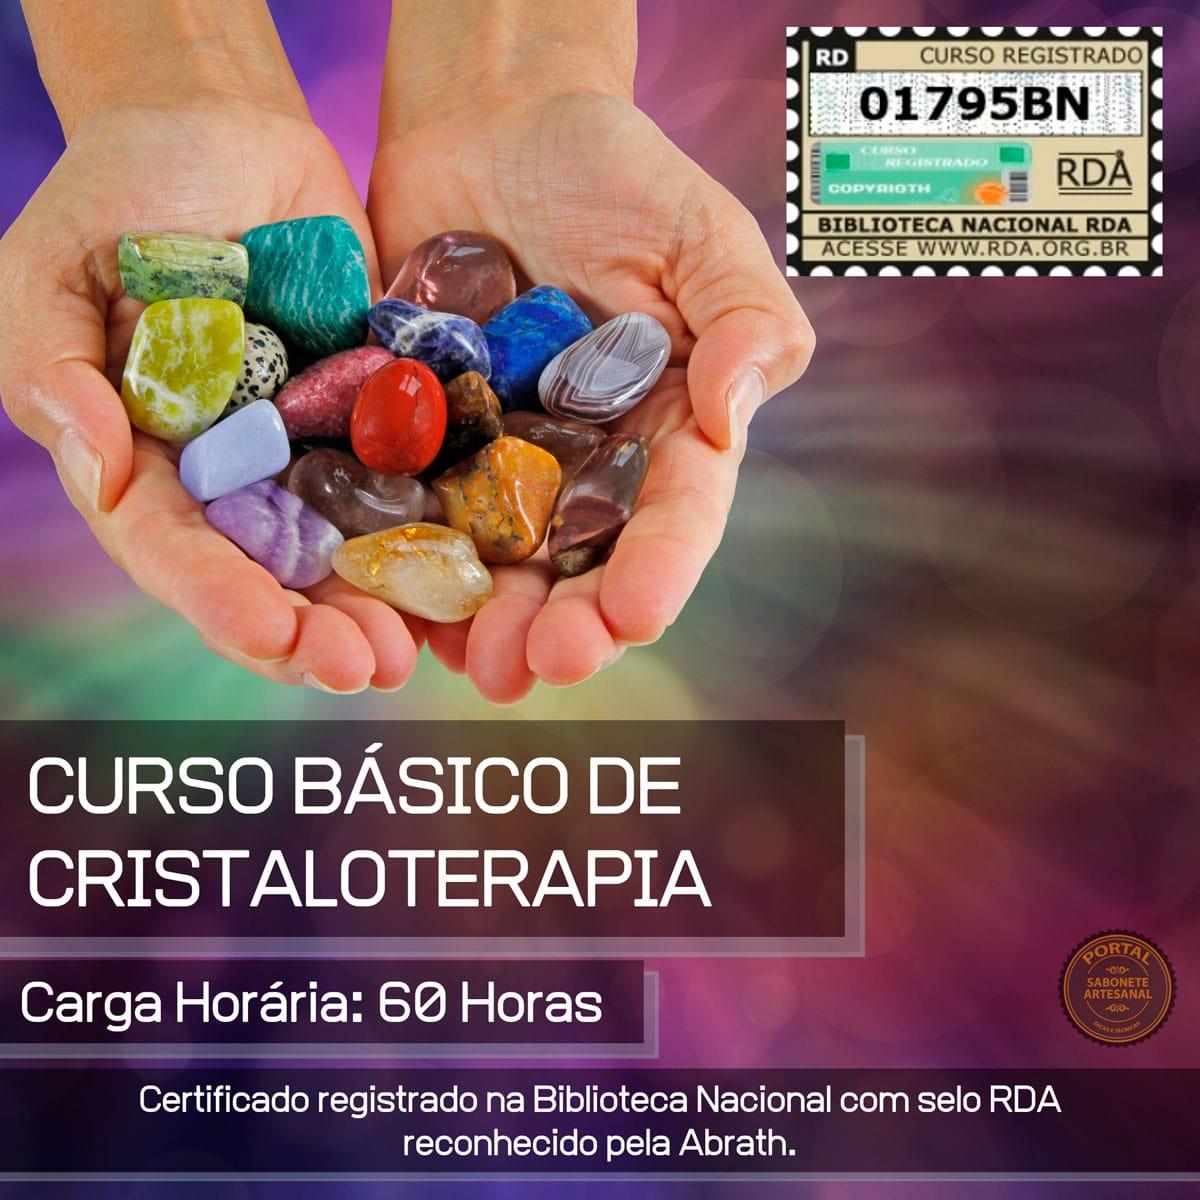 Curso Básico de Cristaloterapia - Terapia com cristais